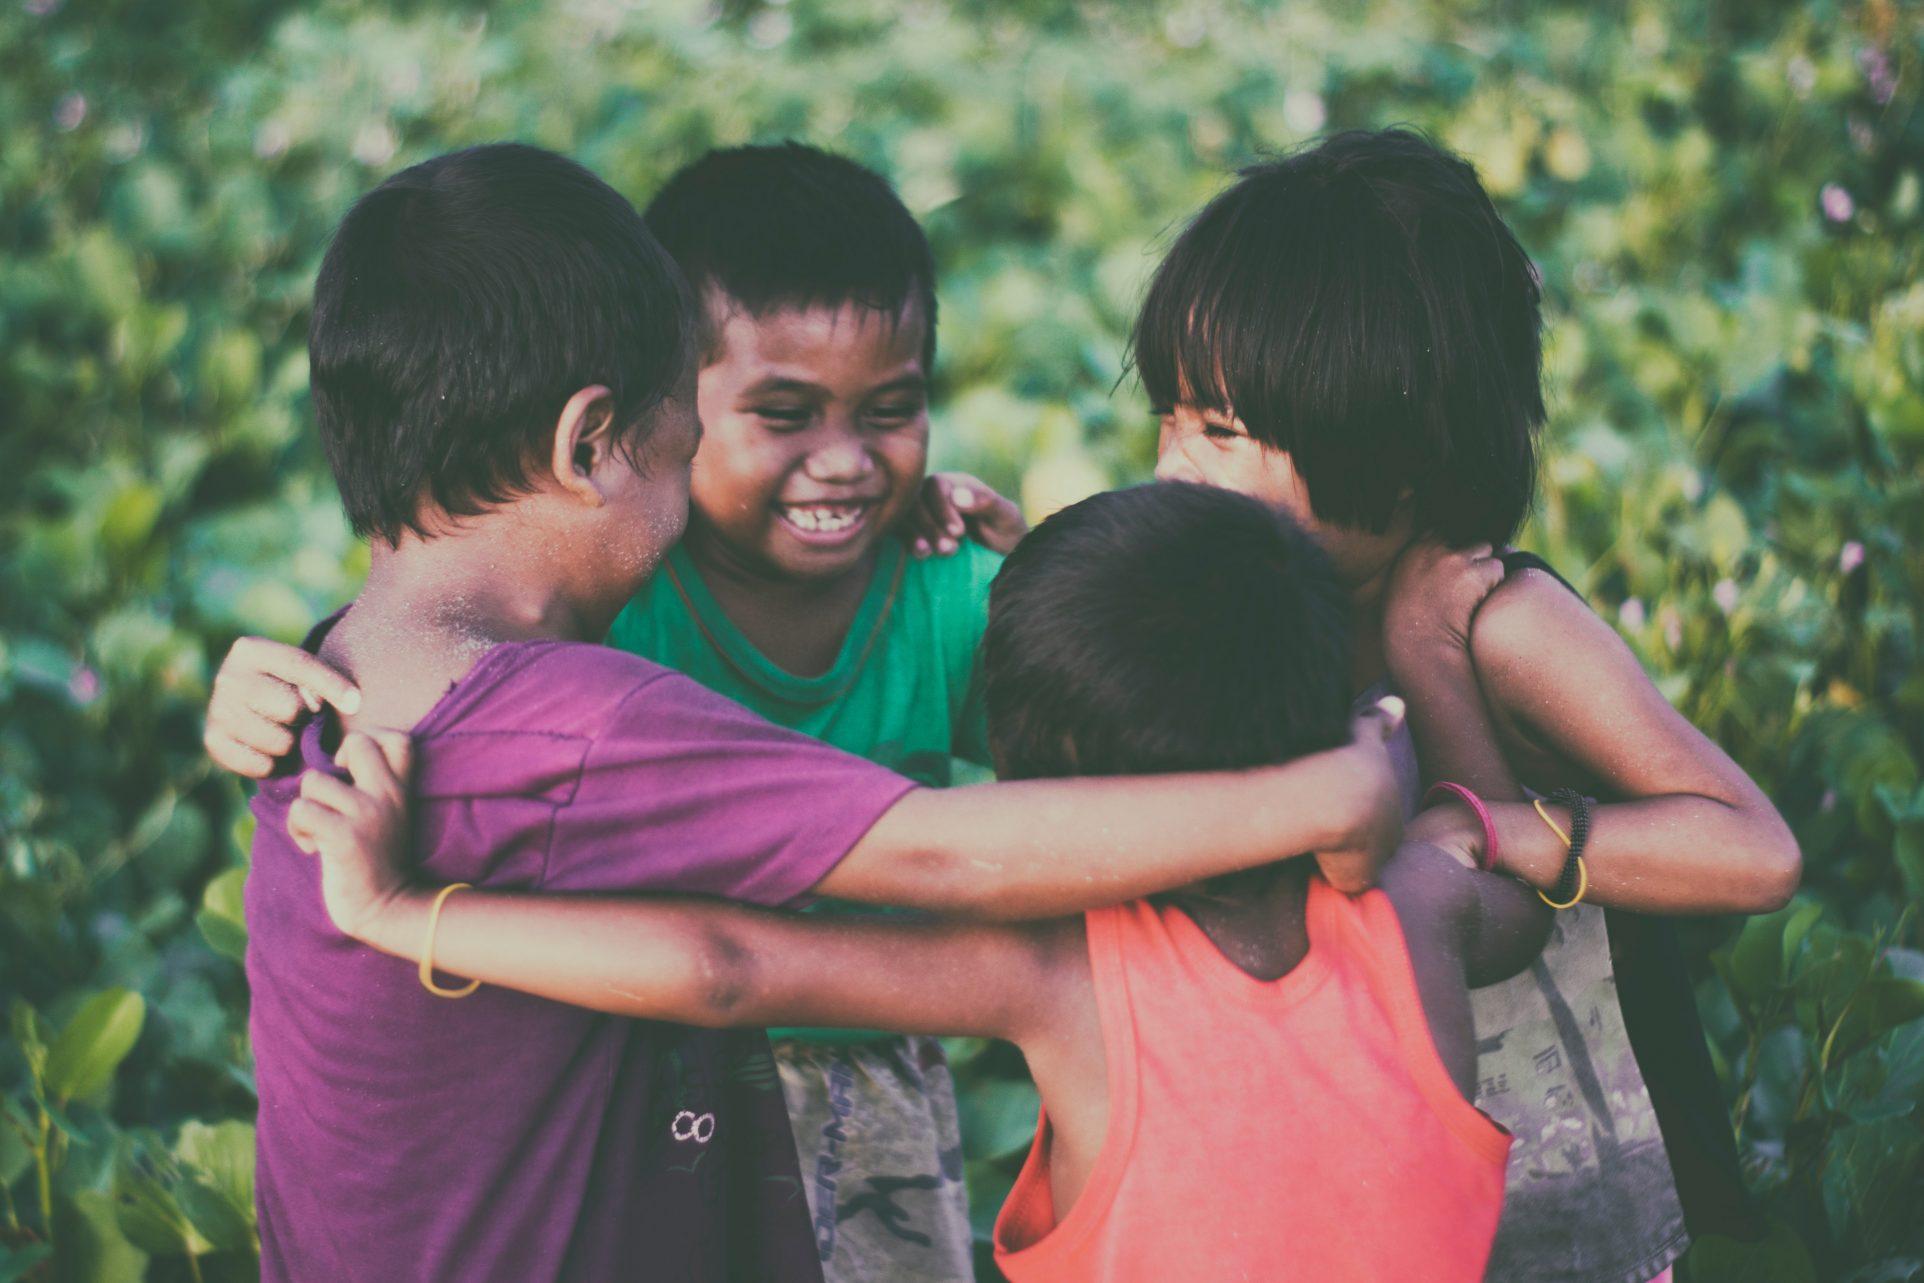 Hier ist eine fröhliche Gruppe Kinder, die sich im Kreis im Arm hält zu sehen